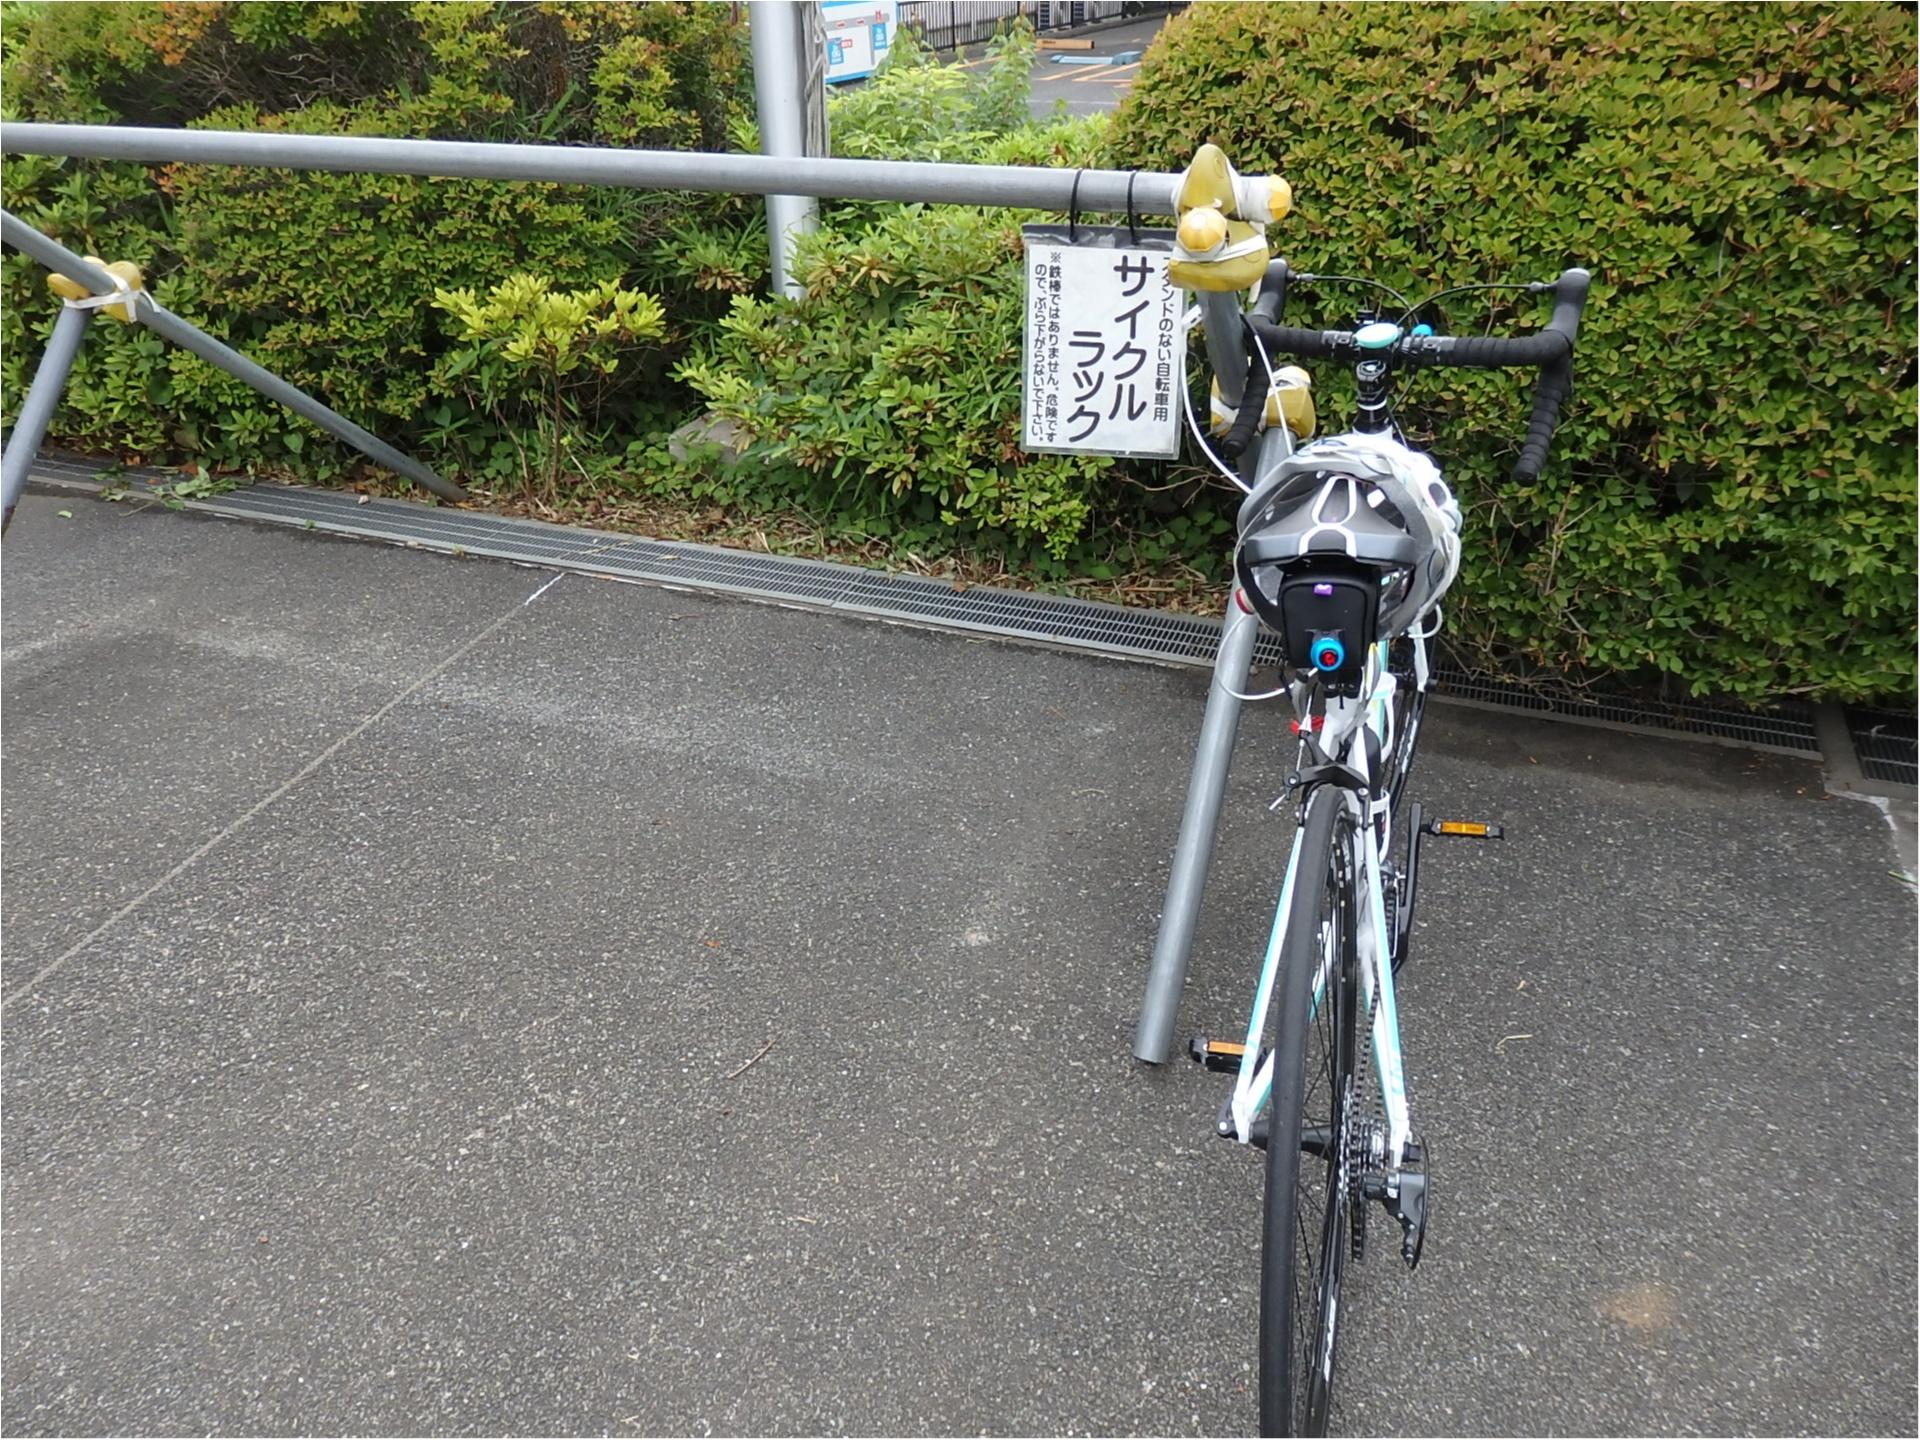 <自転車で朝活♪>1時間早く起きて、行きたかったパワースポットへ #ツール・ド・東北【#モアチャレ あかね】_3